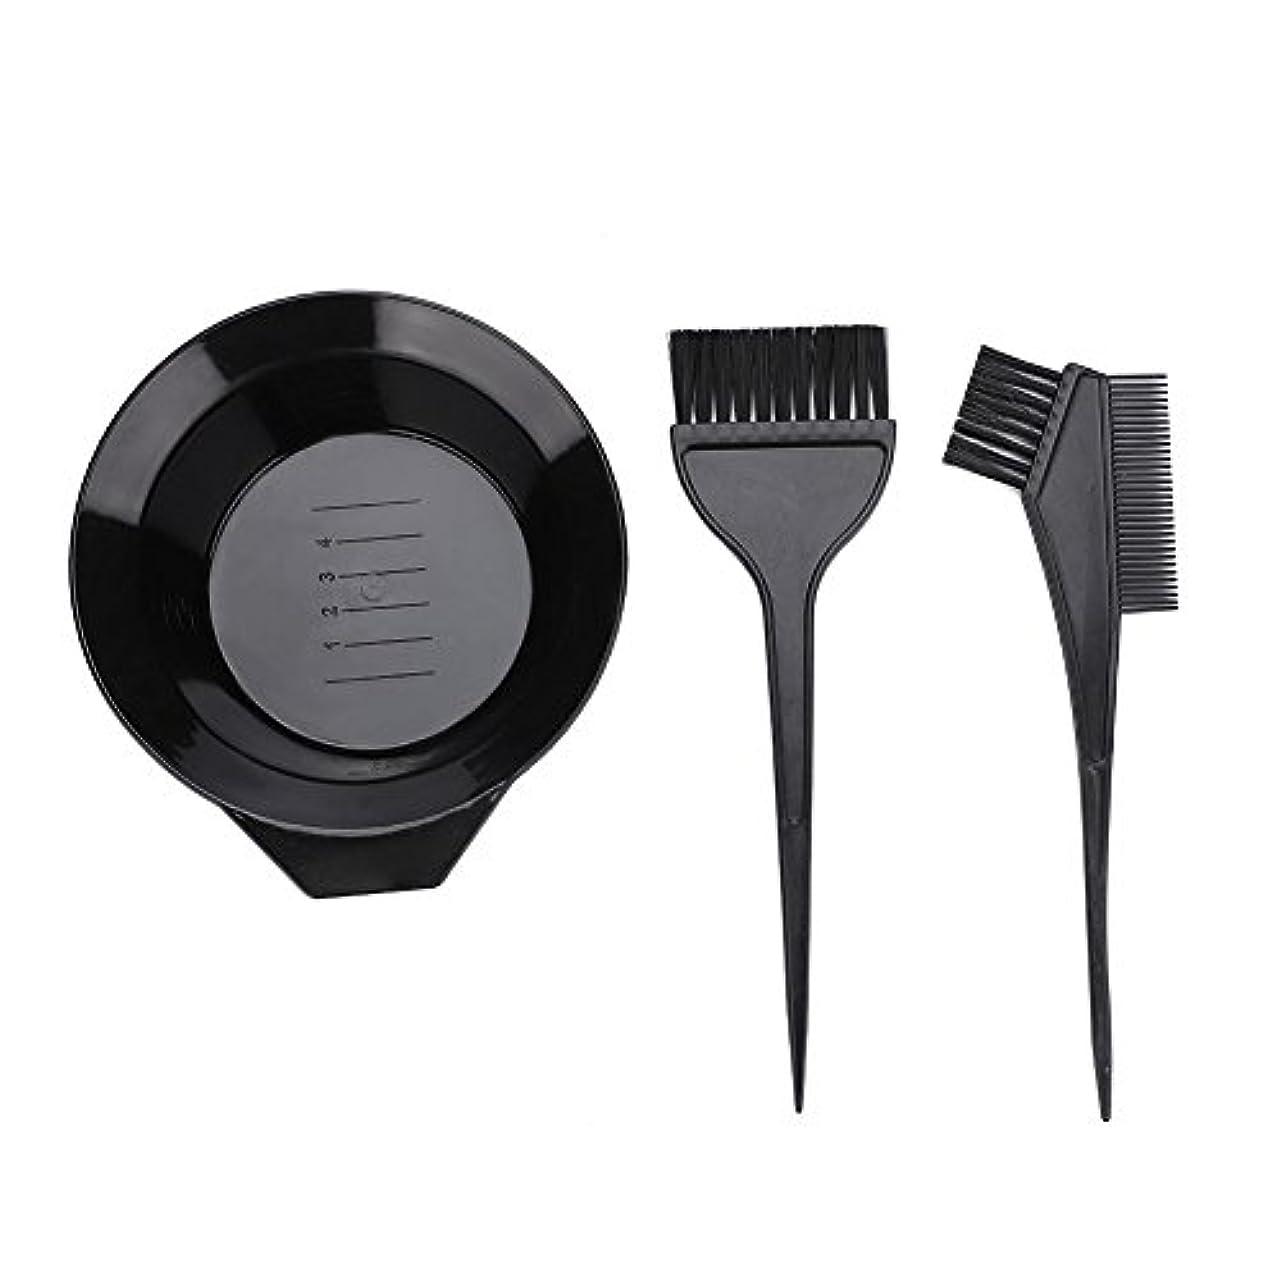 韓国ヒューズ茎ヘアカラーブラシ、3本のボウルセットプロフェッショナル染色許容ツール